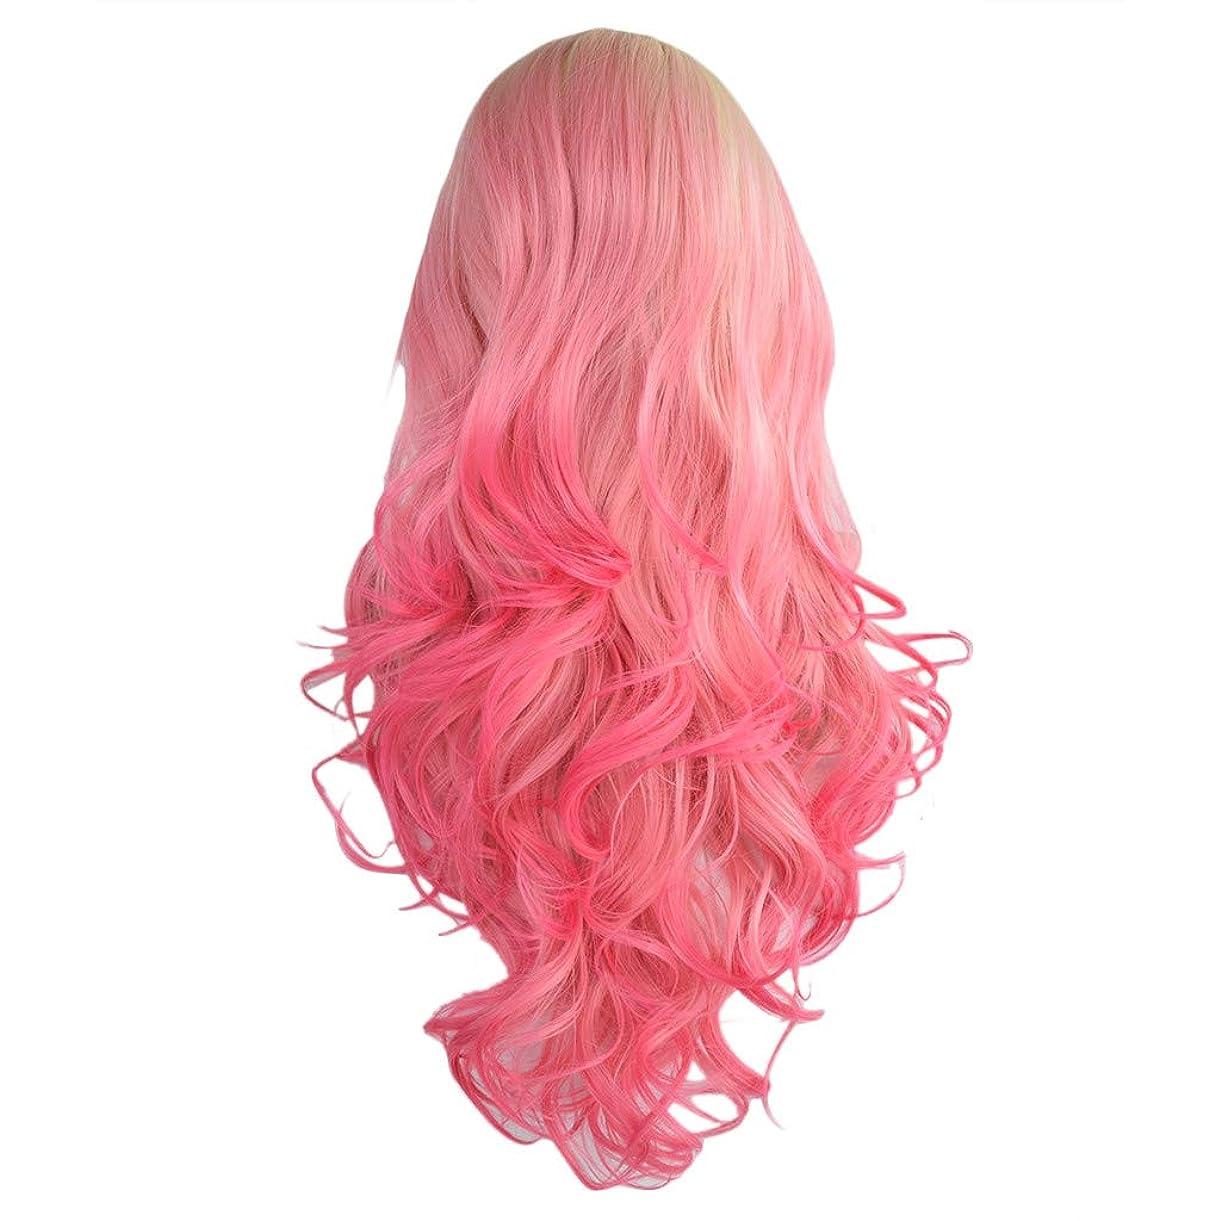 酔って砂のショートカット女性フロントレースピンクの長い巻き毛の波状の巻き毛の自然な現実的なセクシーなコスプレパーティーの小道具かつら